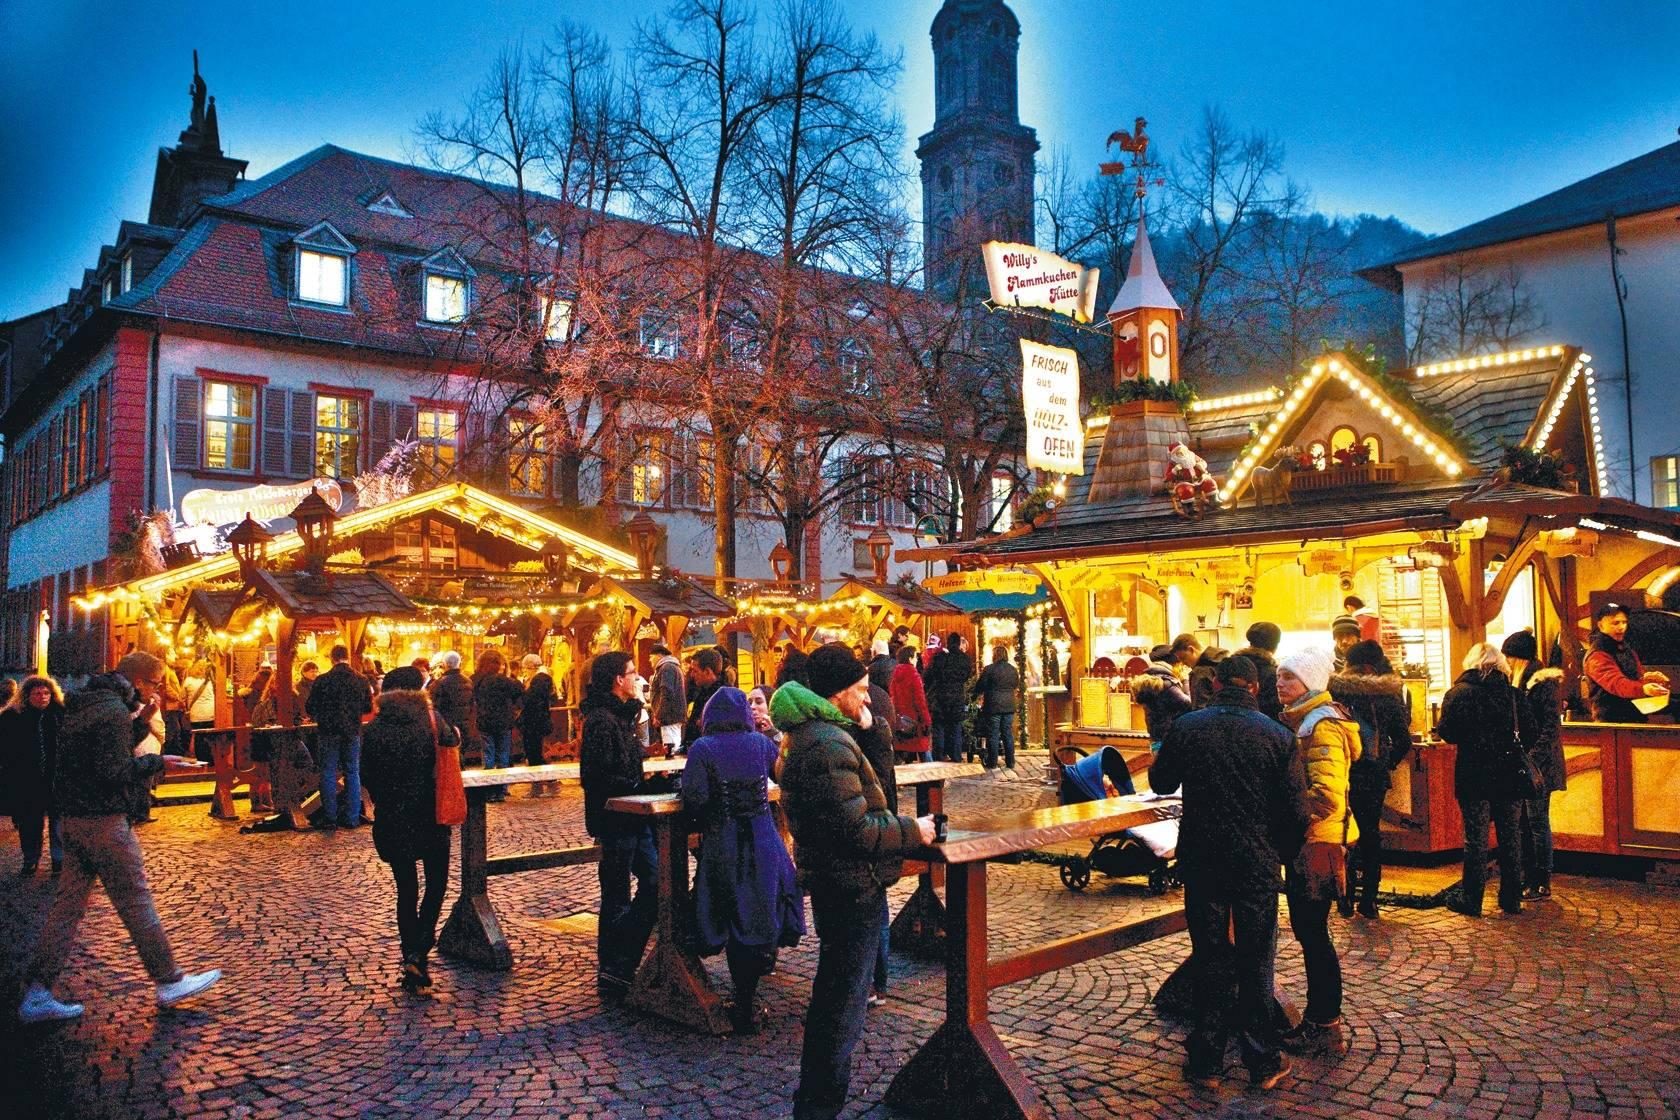 Lễ hội Koblenz Weihnachtsmarkt (Đức)